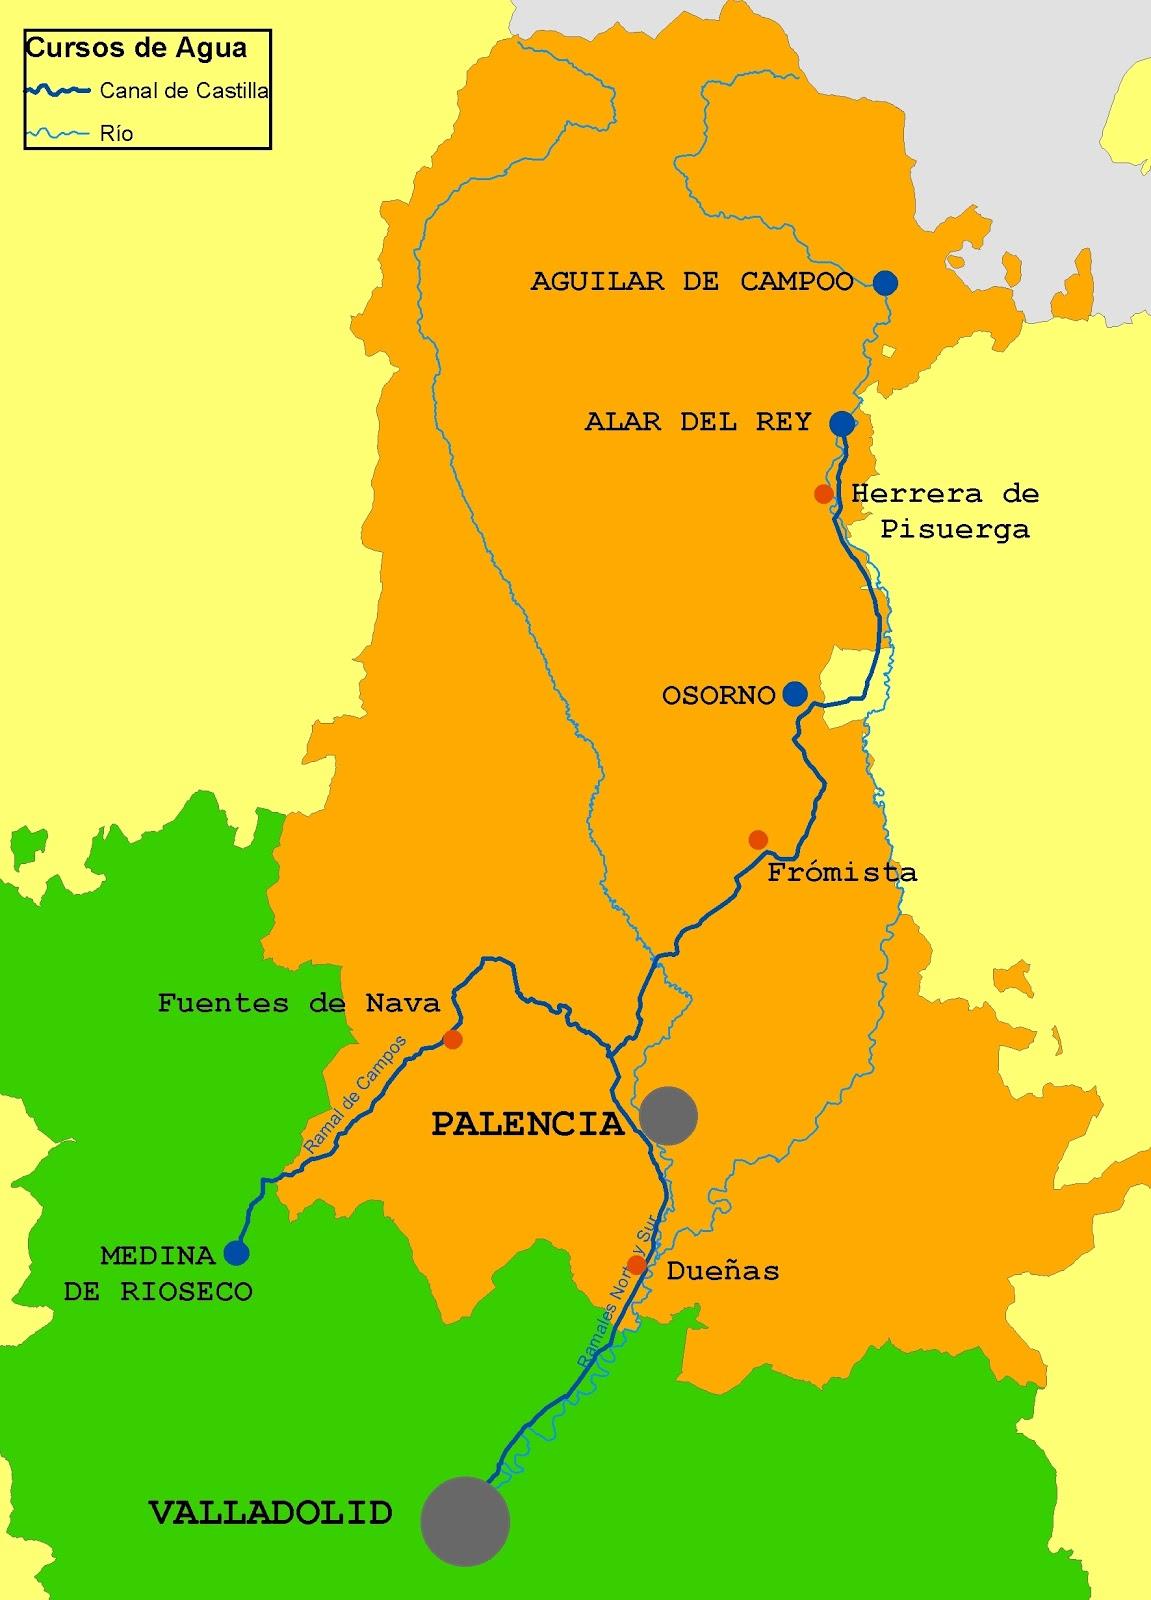 Plano Canal de Castillajpg